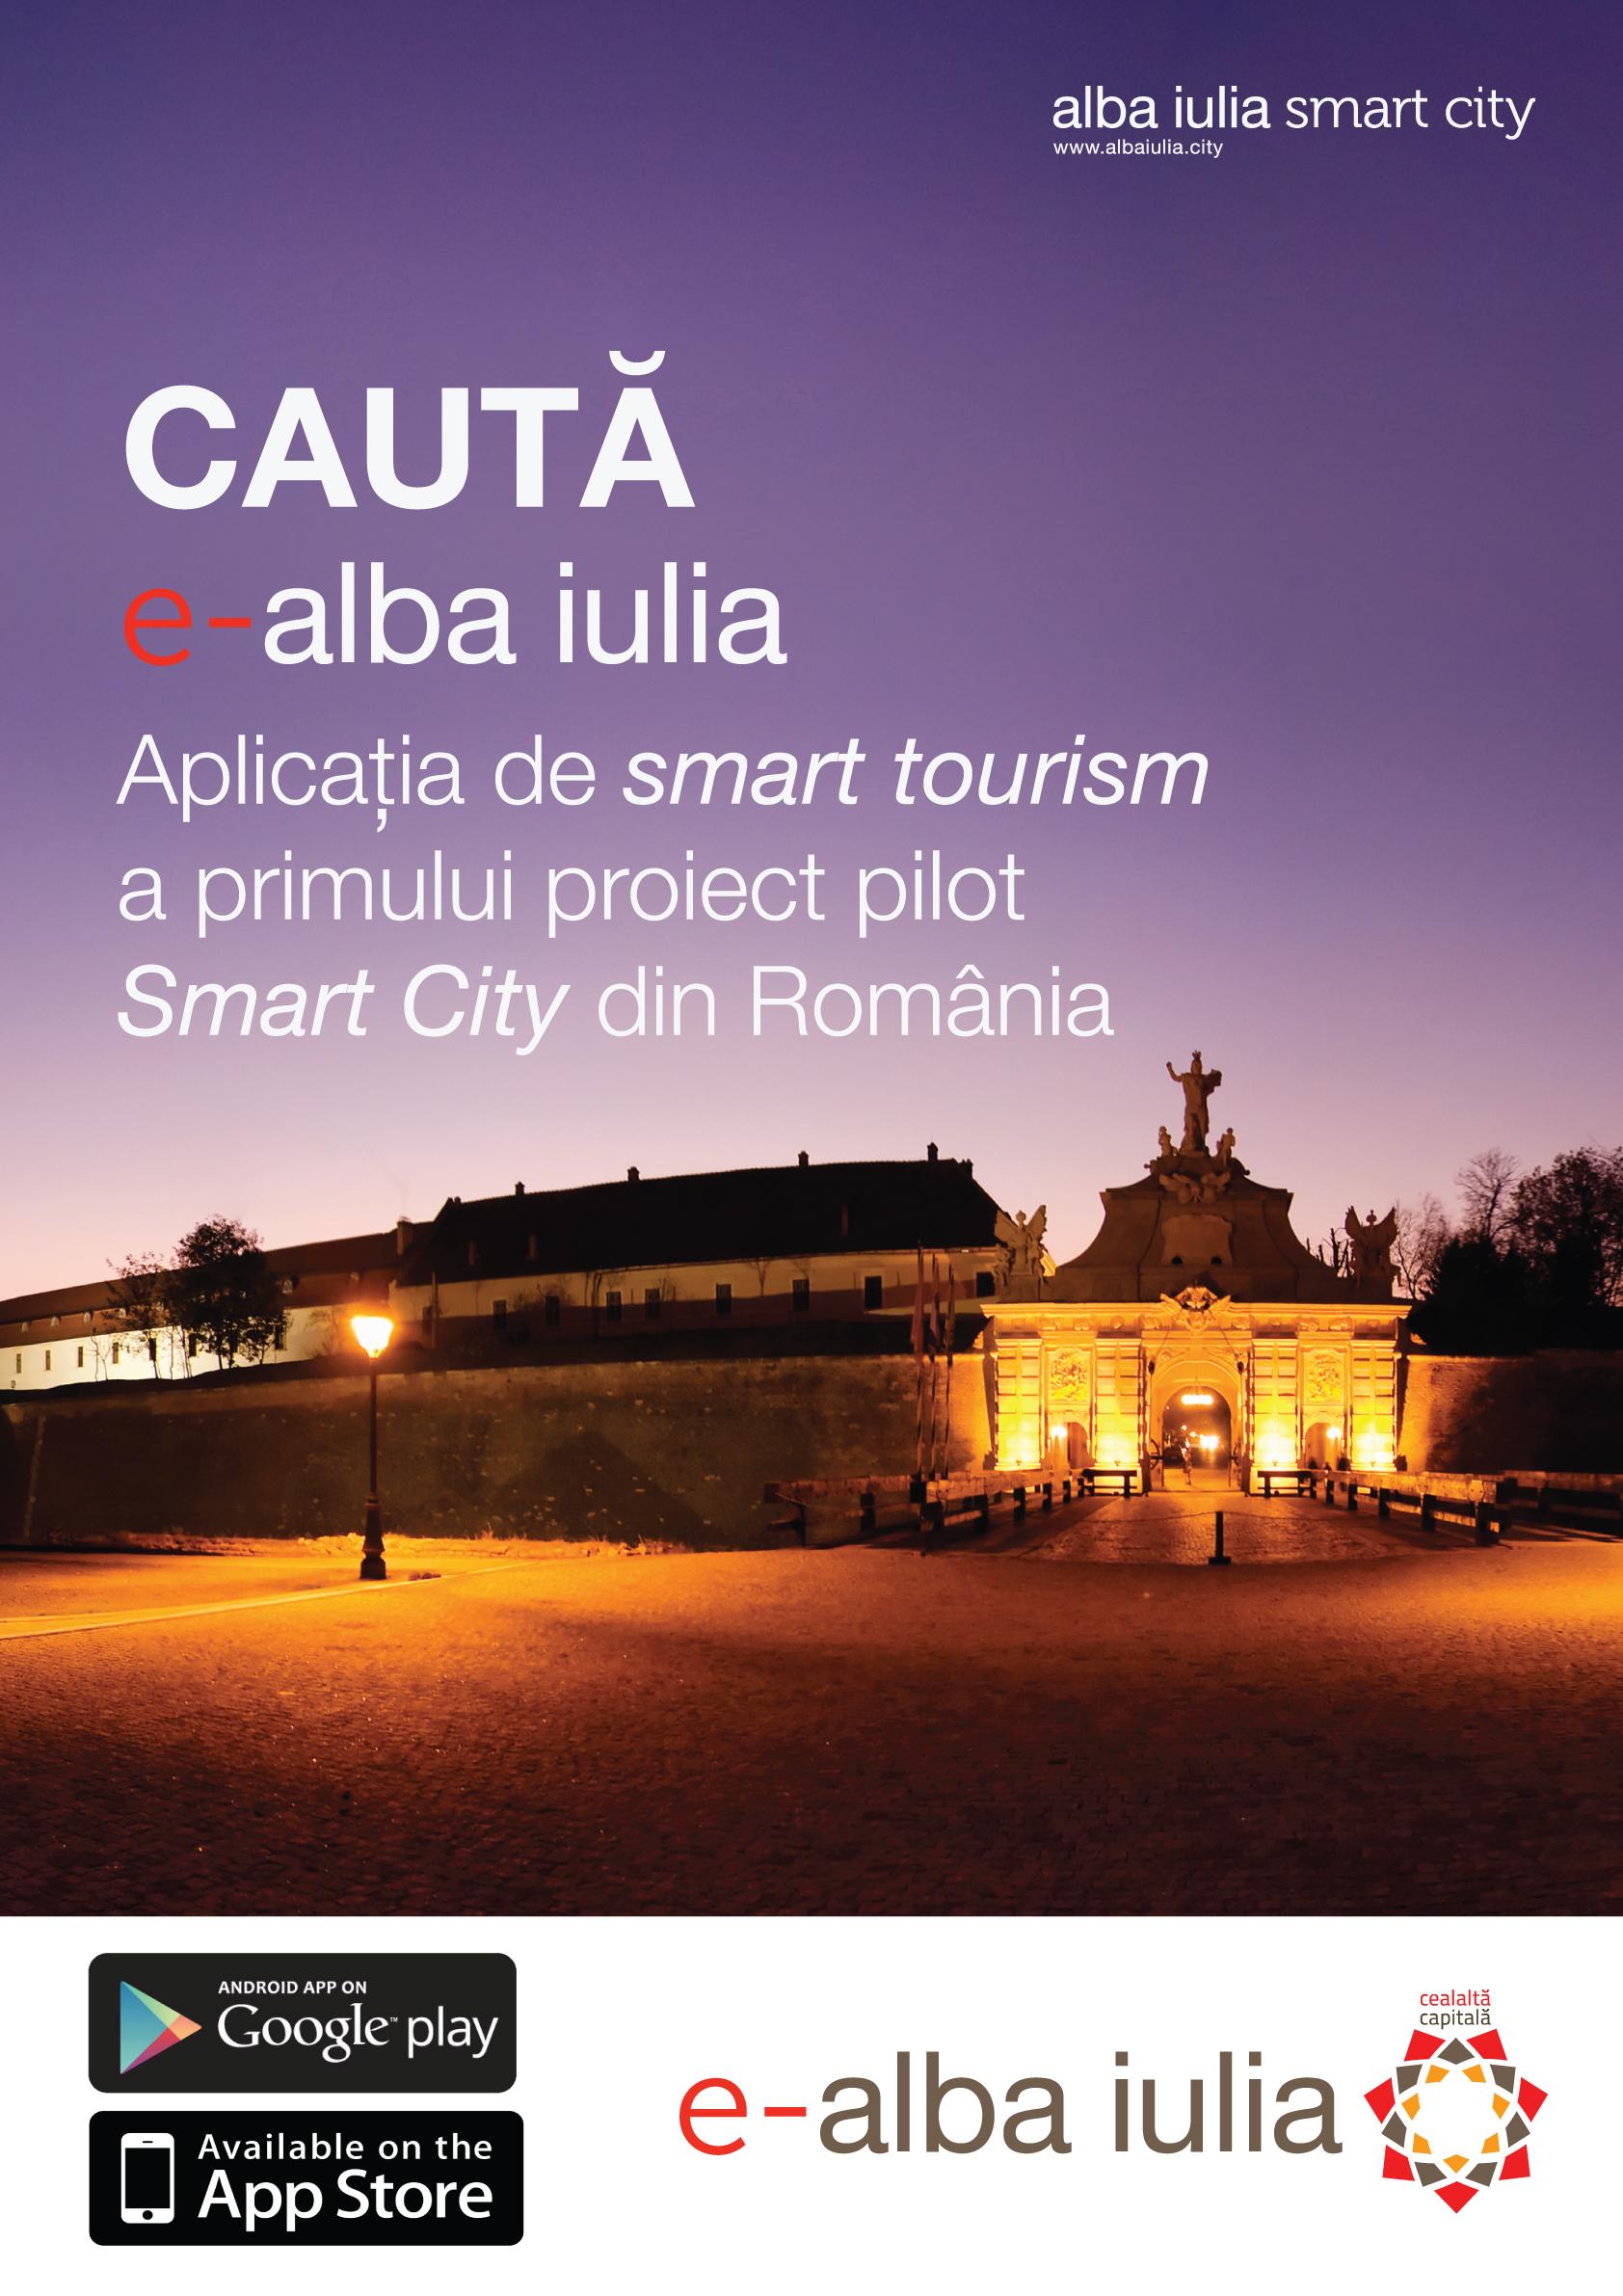 e-alba-iulia-app-2